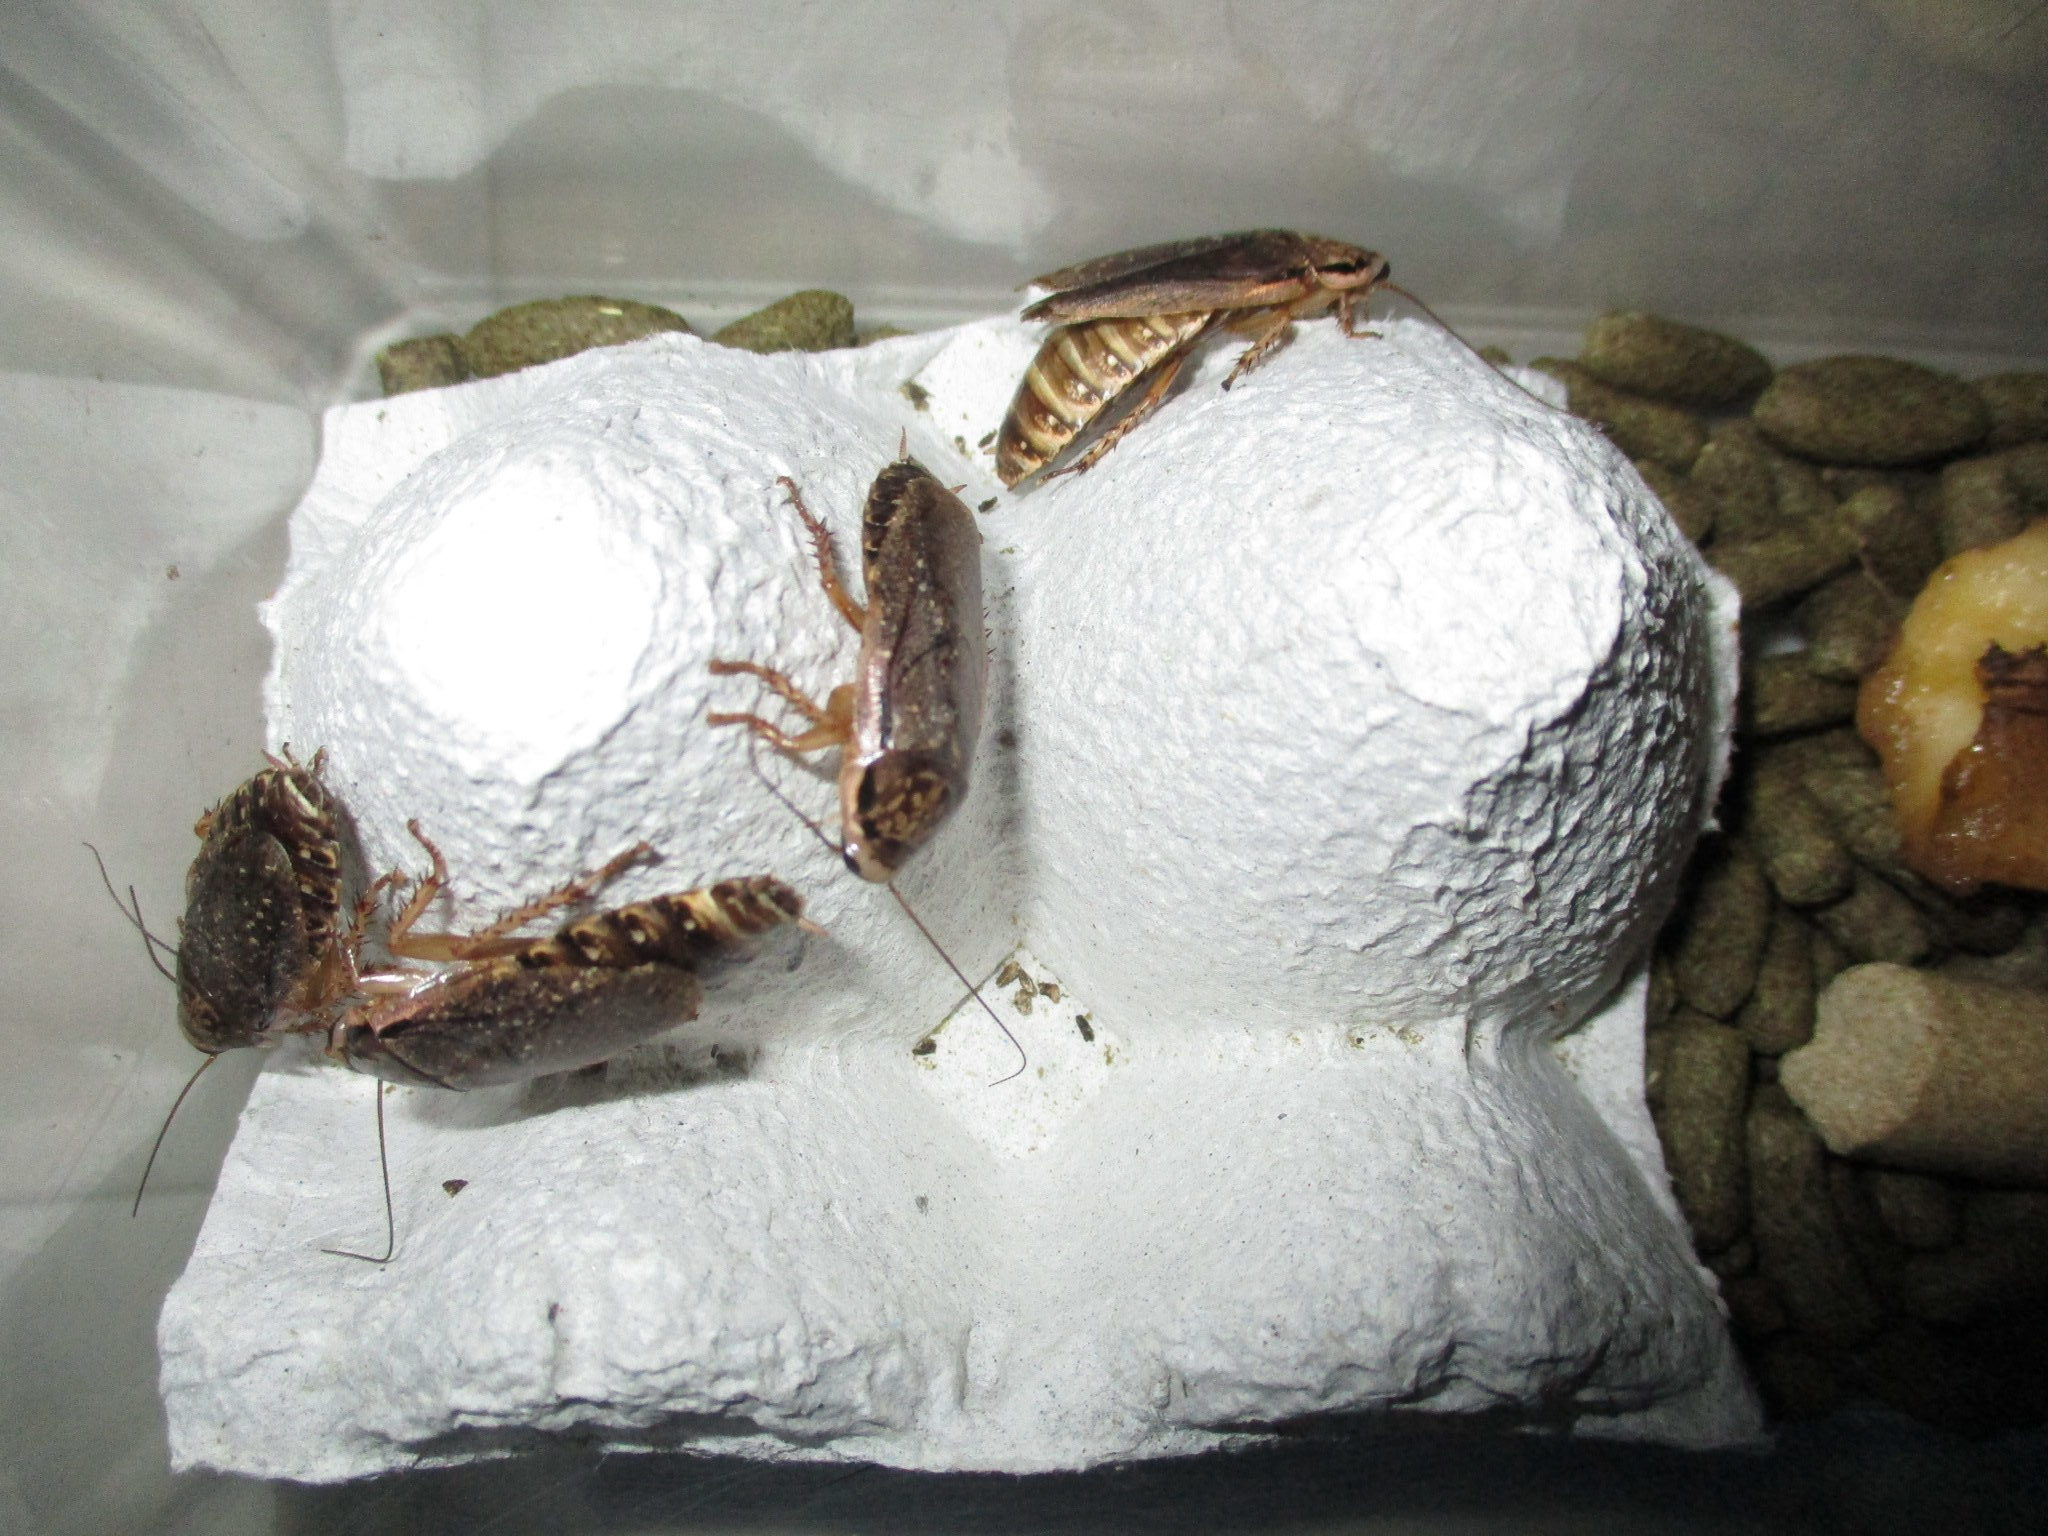 ハイイロゴキブリ(ロブスターローチ) 成虫は3センチほど